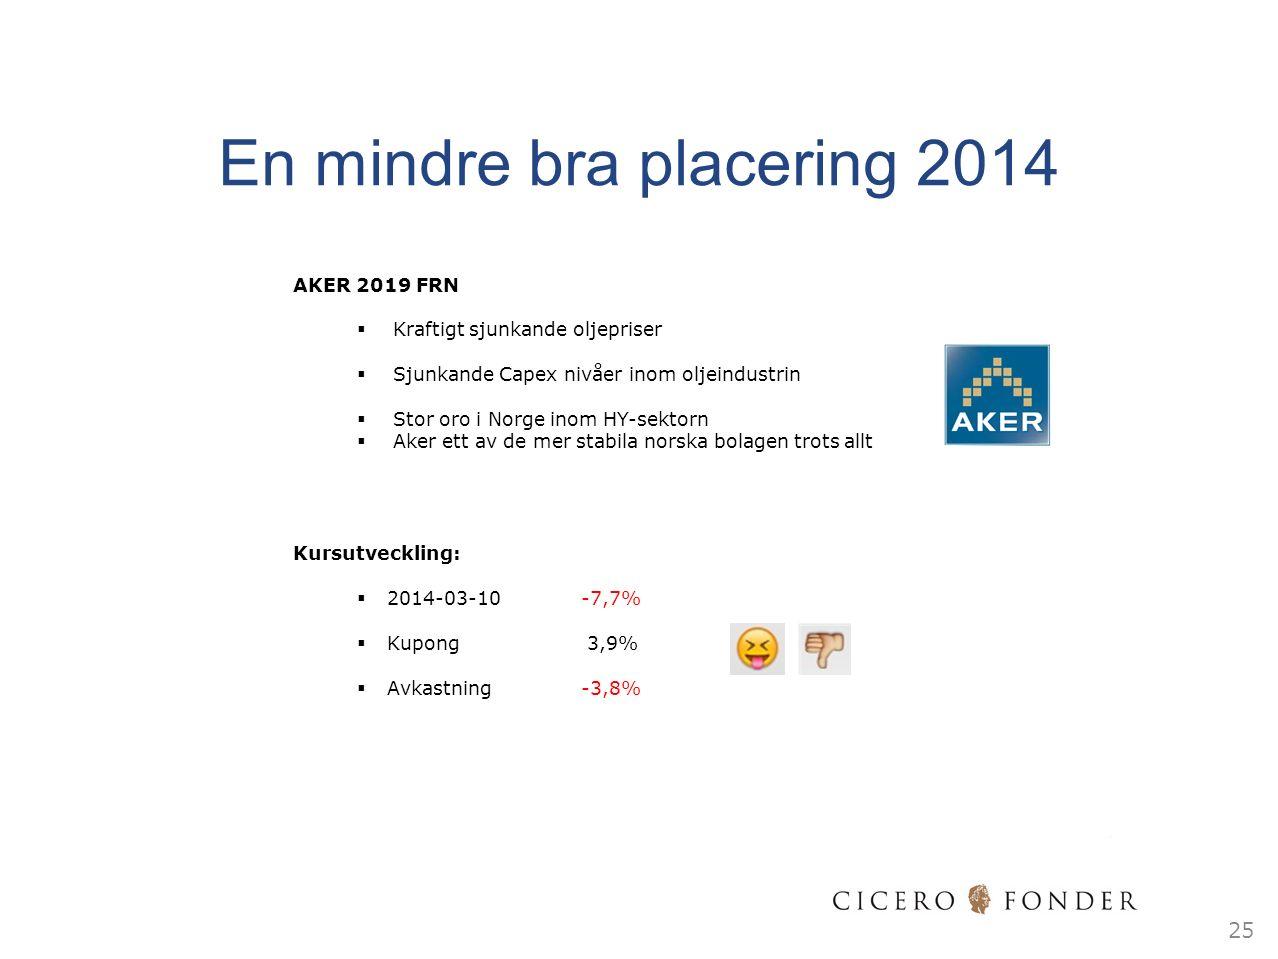 25 AKER 2019 FRN  Kraftigt sjunkande oljepriser  Sjunkande Capex nivåer inom oljeindustrin  Stor oro i Norge inom HY-sektorn  Aker ett av de mer stabila norska bolagen trots allt Kursutveckling:  2014-03-10-7,7%  Kupong 3,9%  Avkastning-3,8% En mindre bra placering 2014